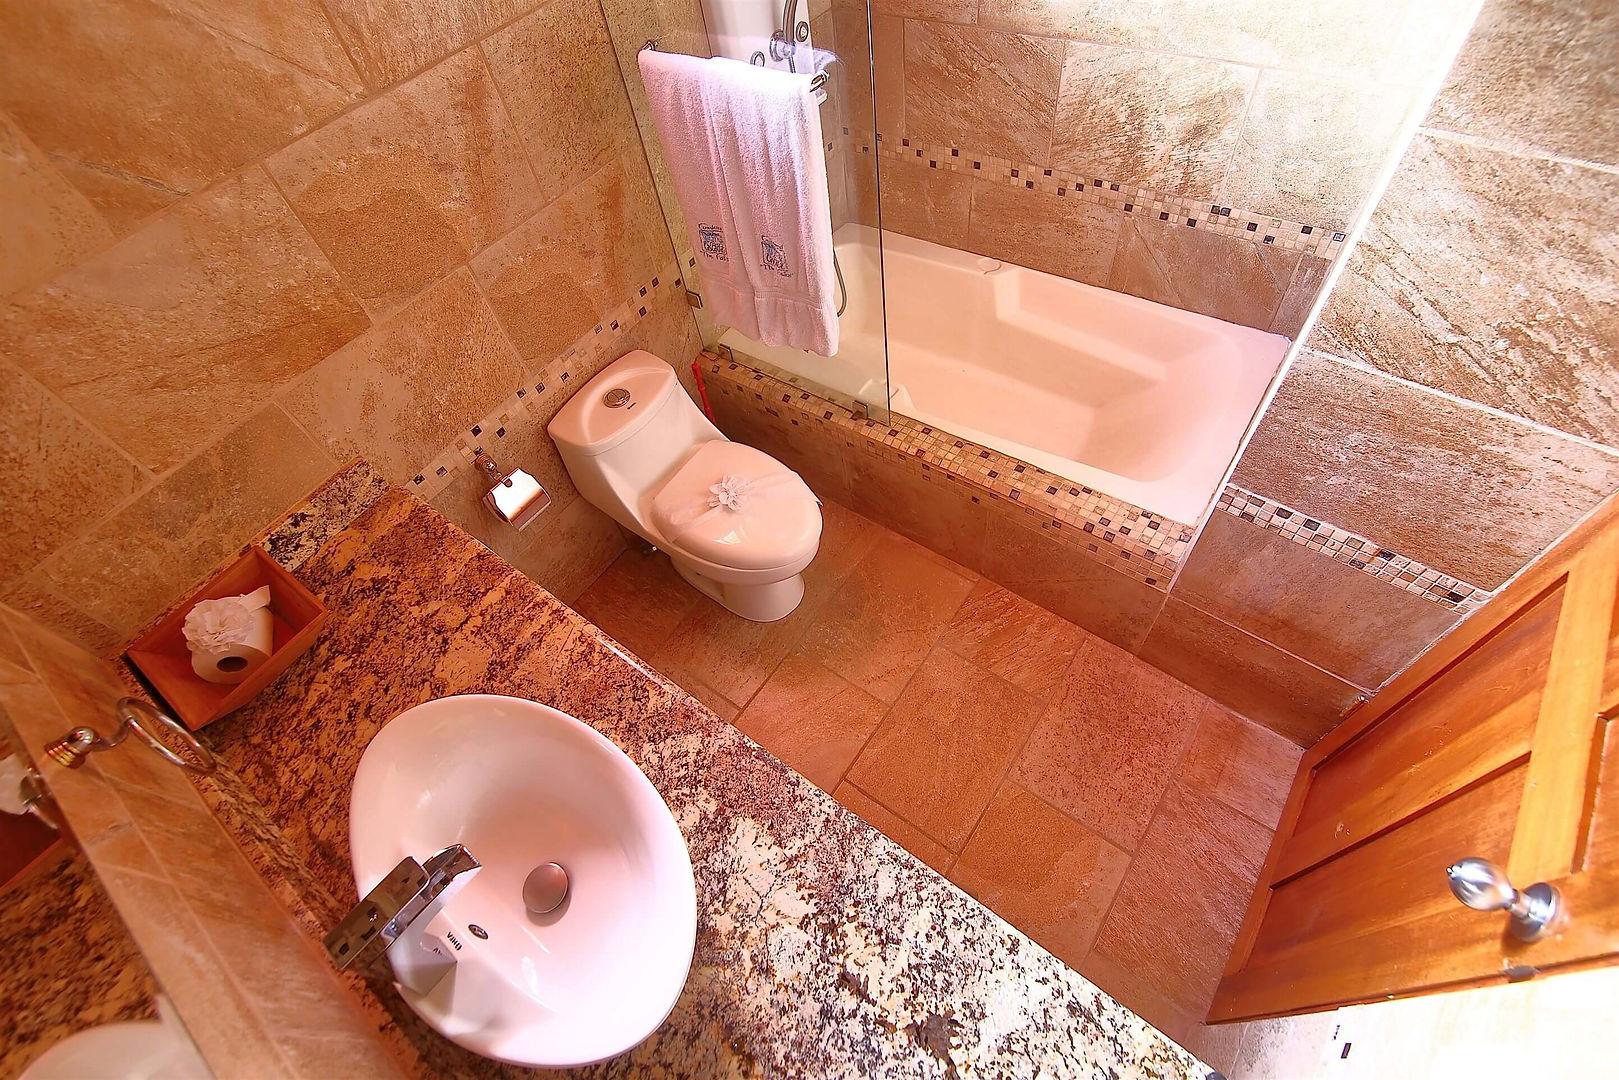 Ocean View Suite, Hotel Las Cascadas The Falls, Condotel Las Cascadas, Manuel Antonio, Quepos, Costa Rica